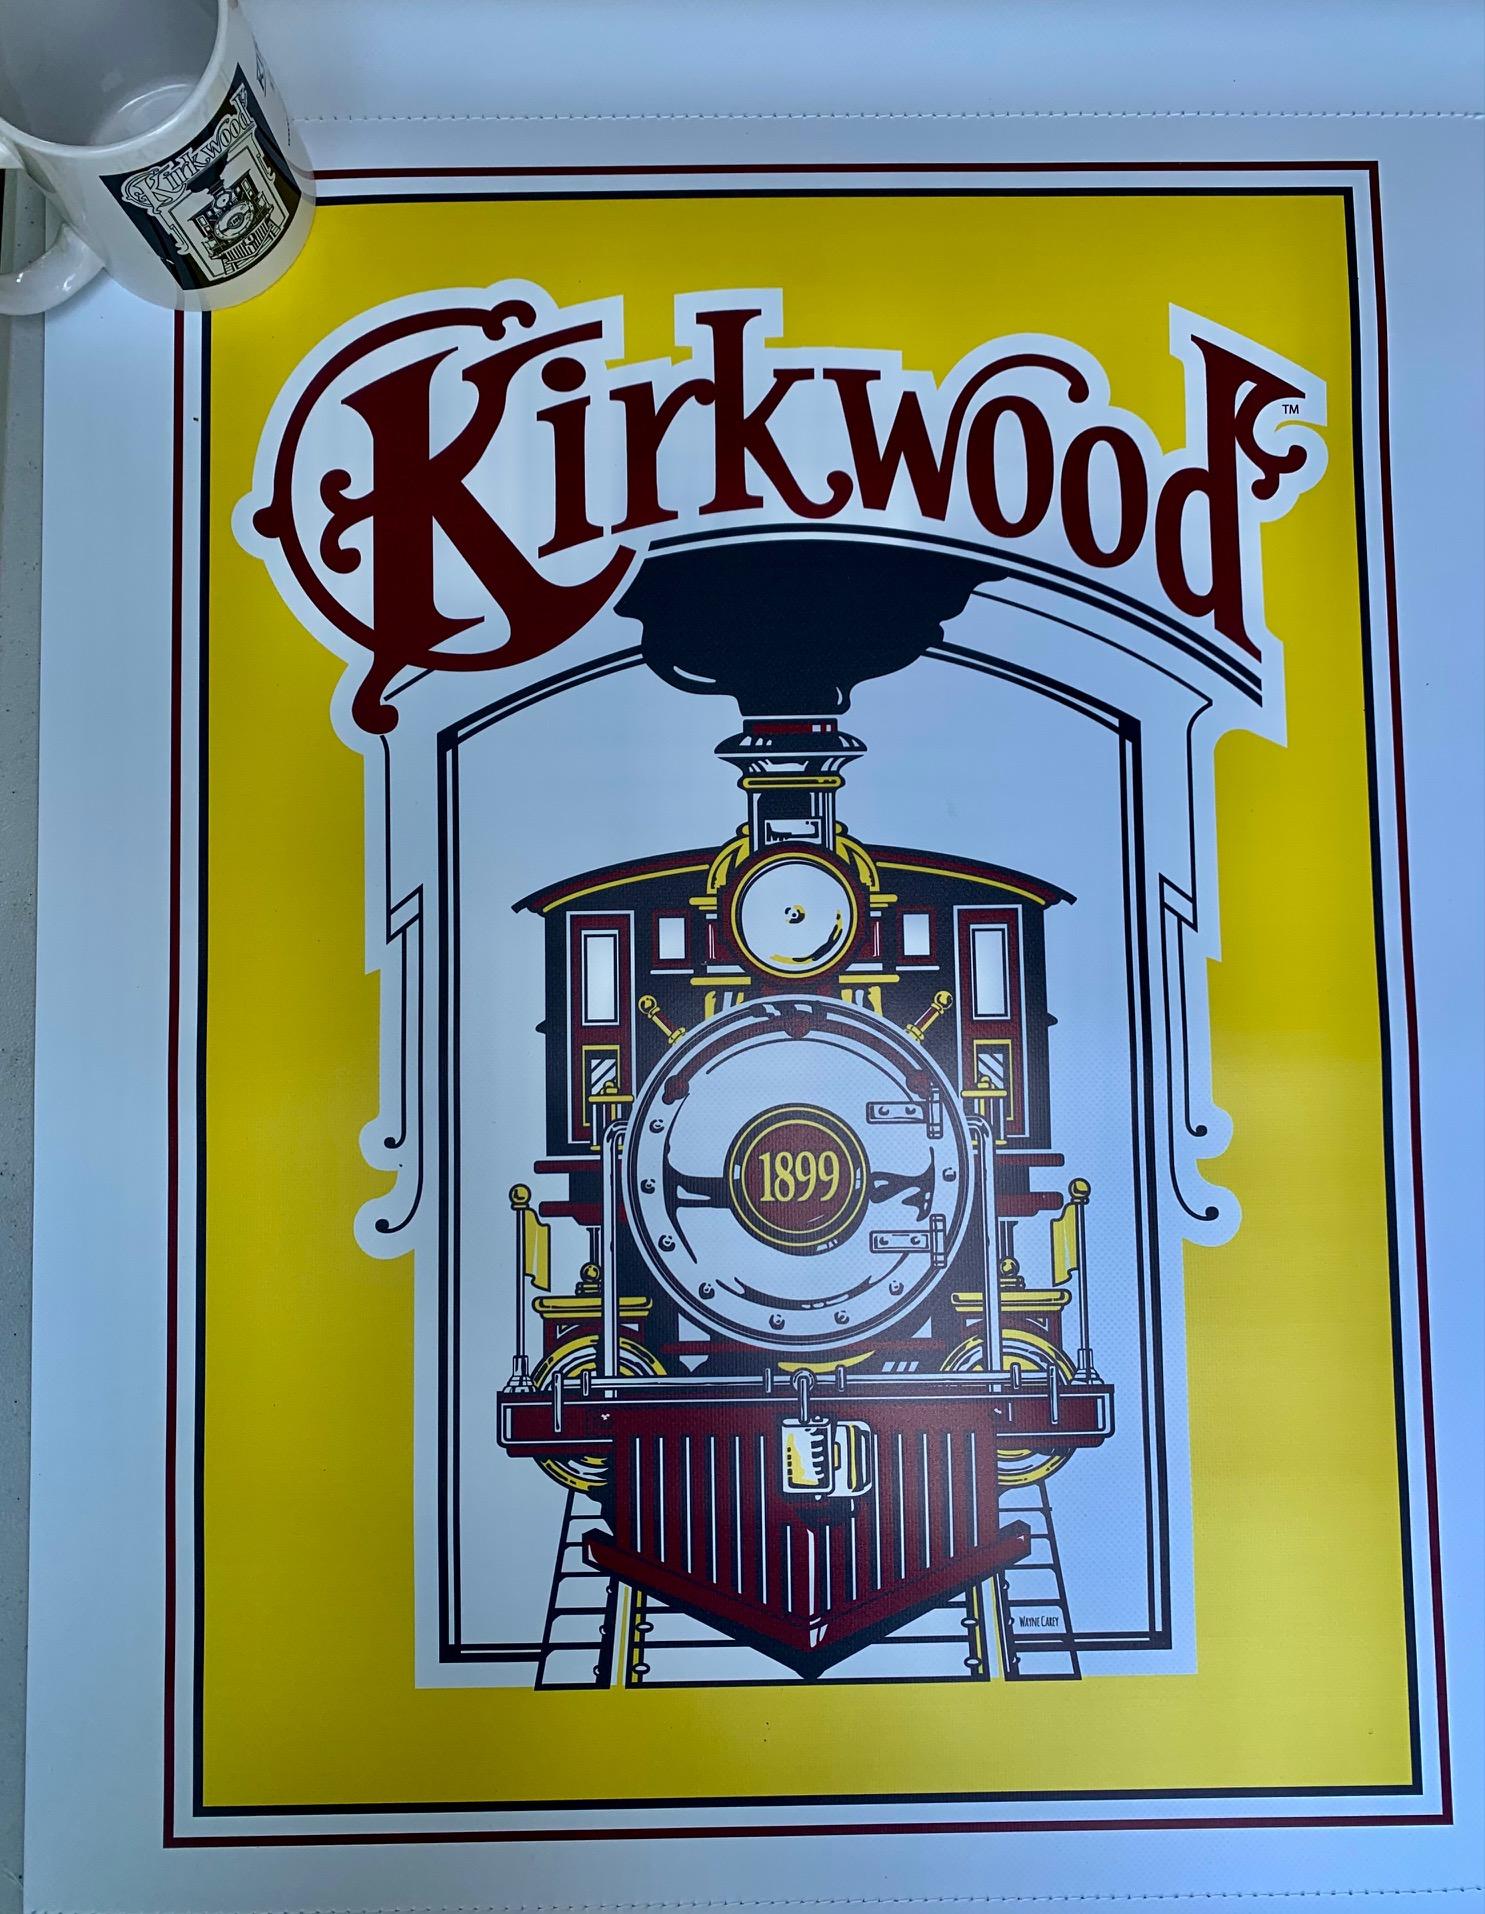 Kirkwood2021_63